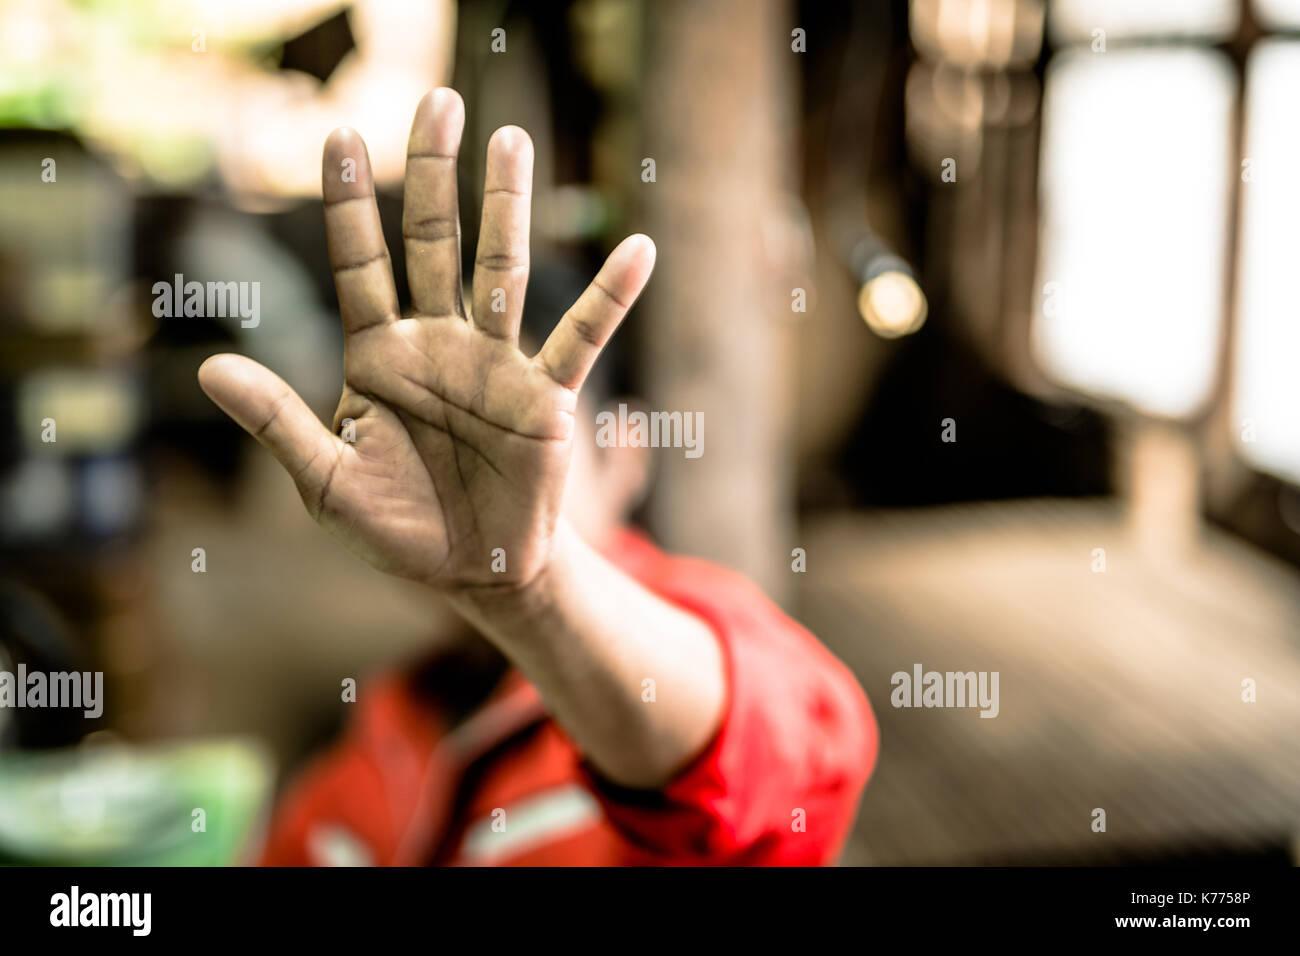 Arrêter d'abuser de la violence enfant garçon. bondage dans l'angle droit , la Journée des droits de l'concept. Photo Stock